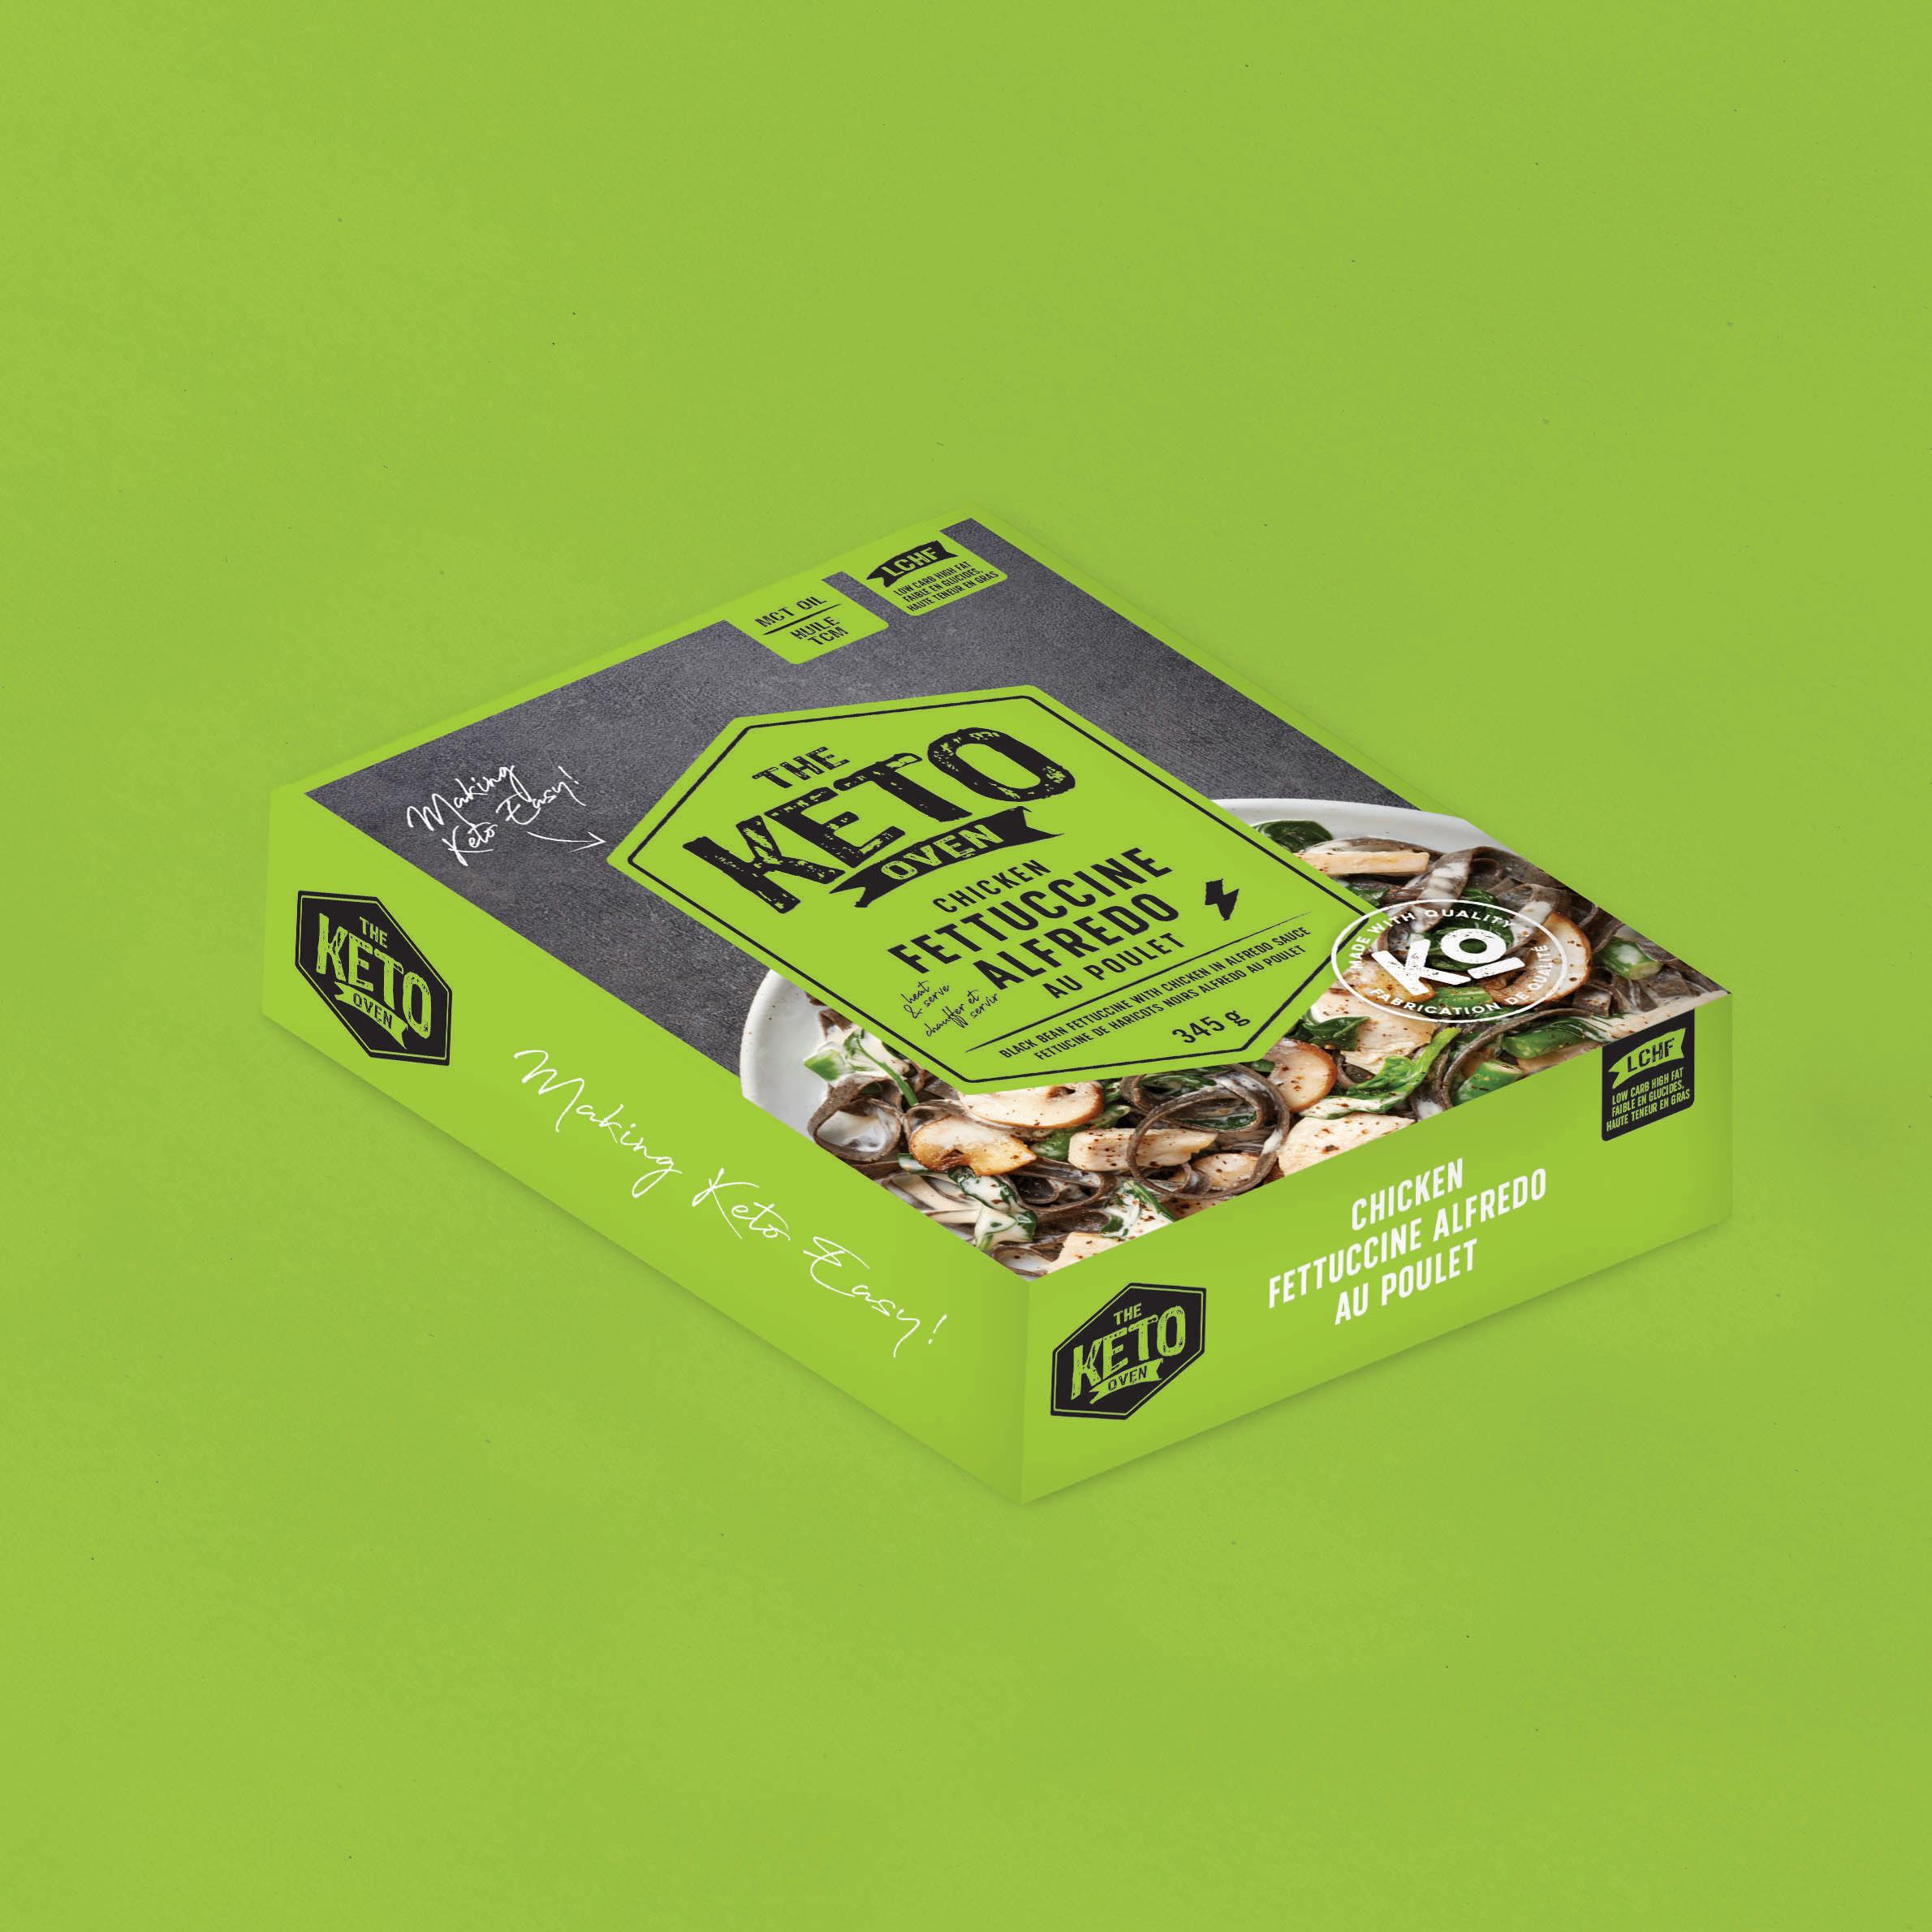 The Keto Oven Fettuccine.jpg